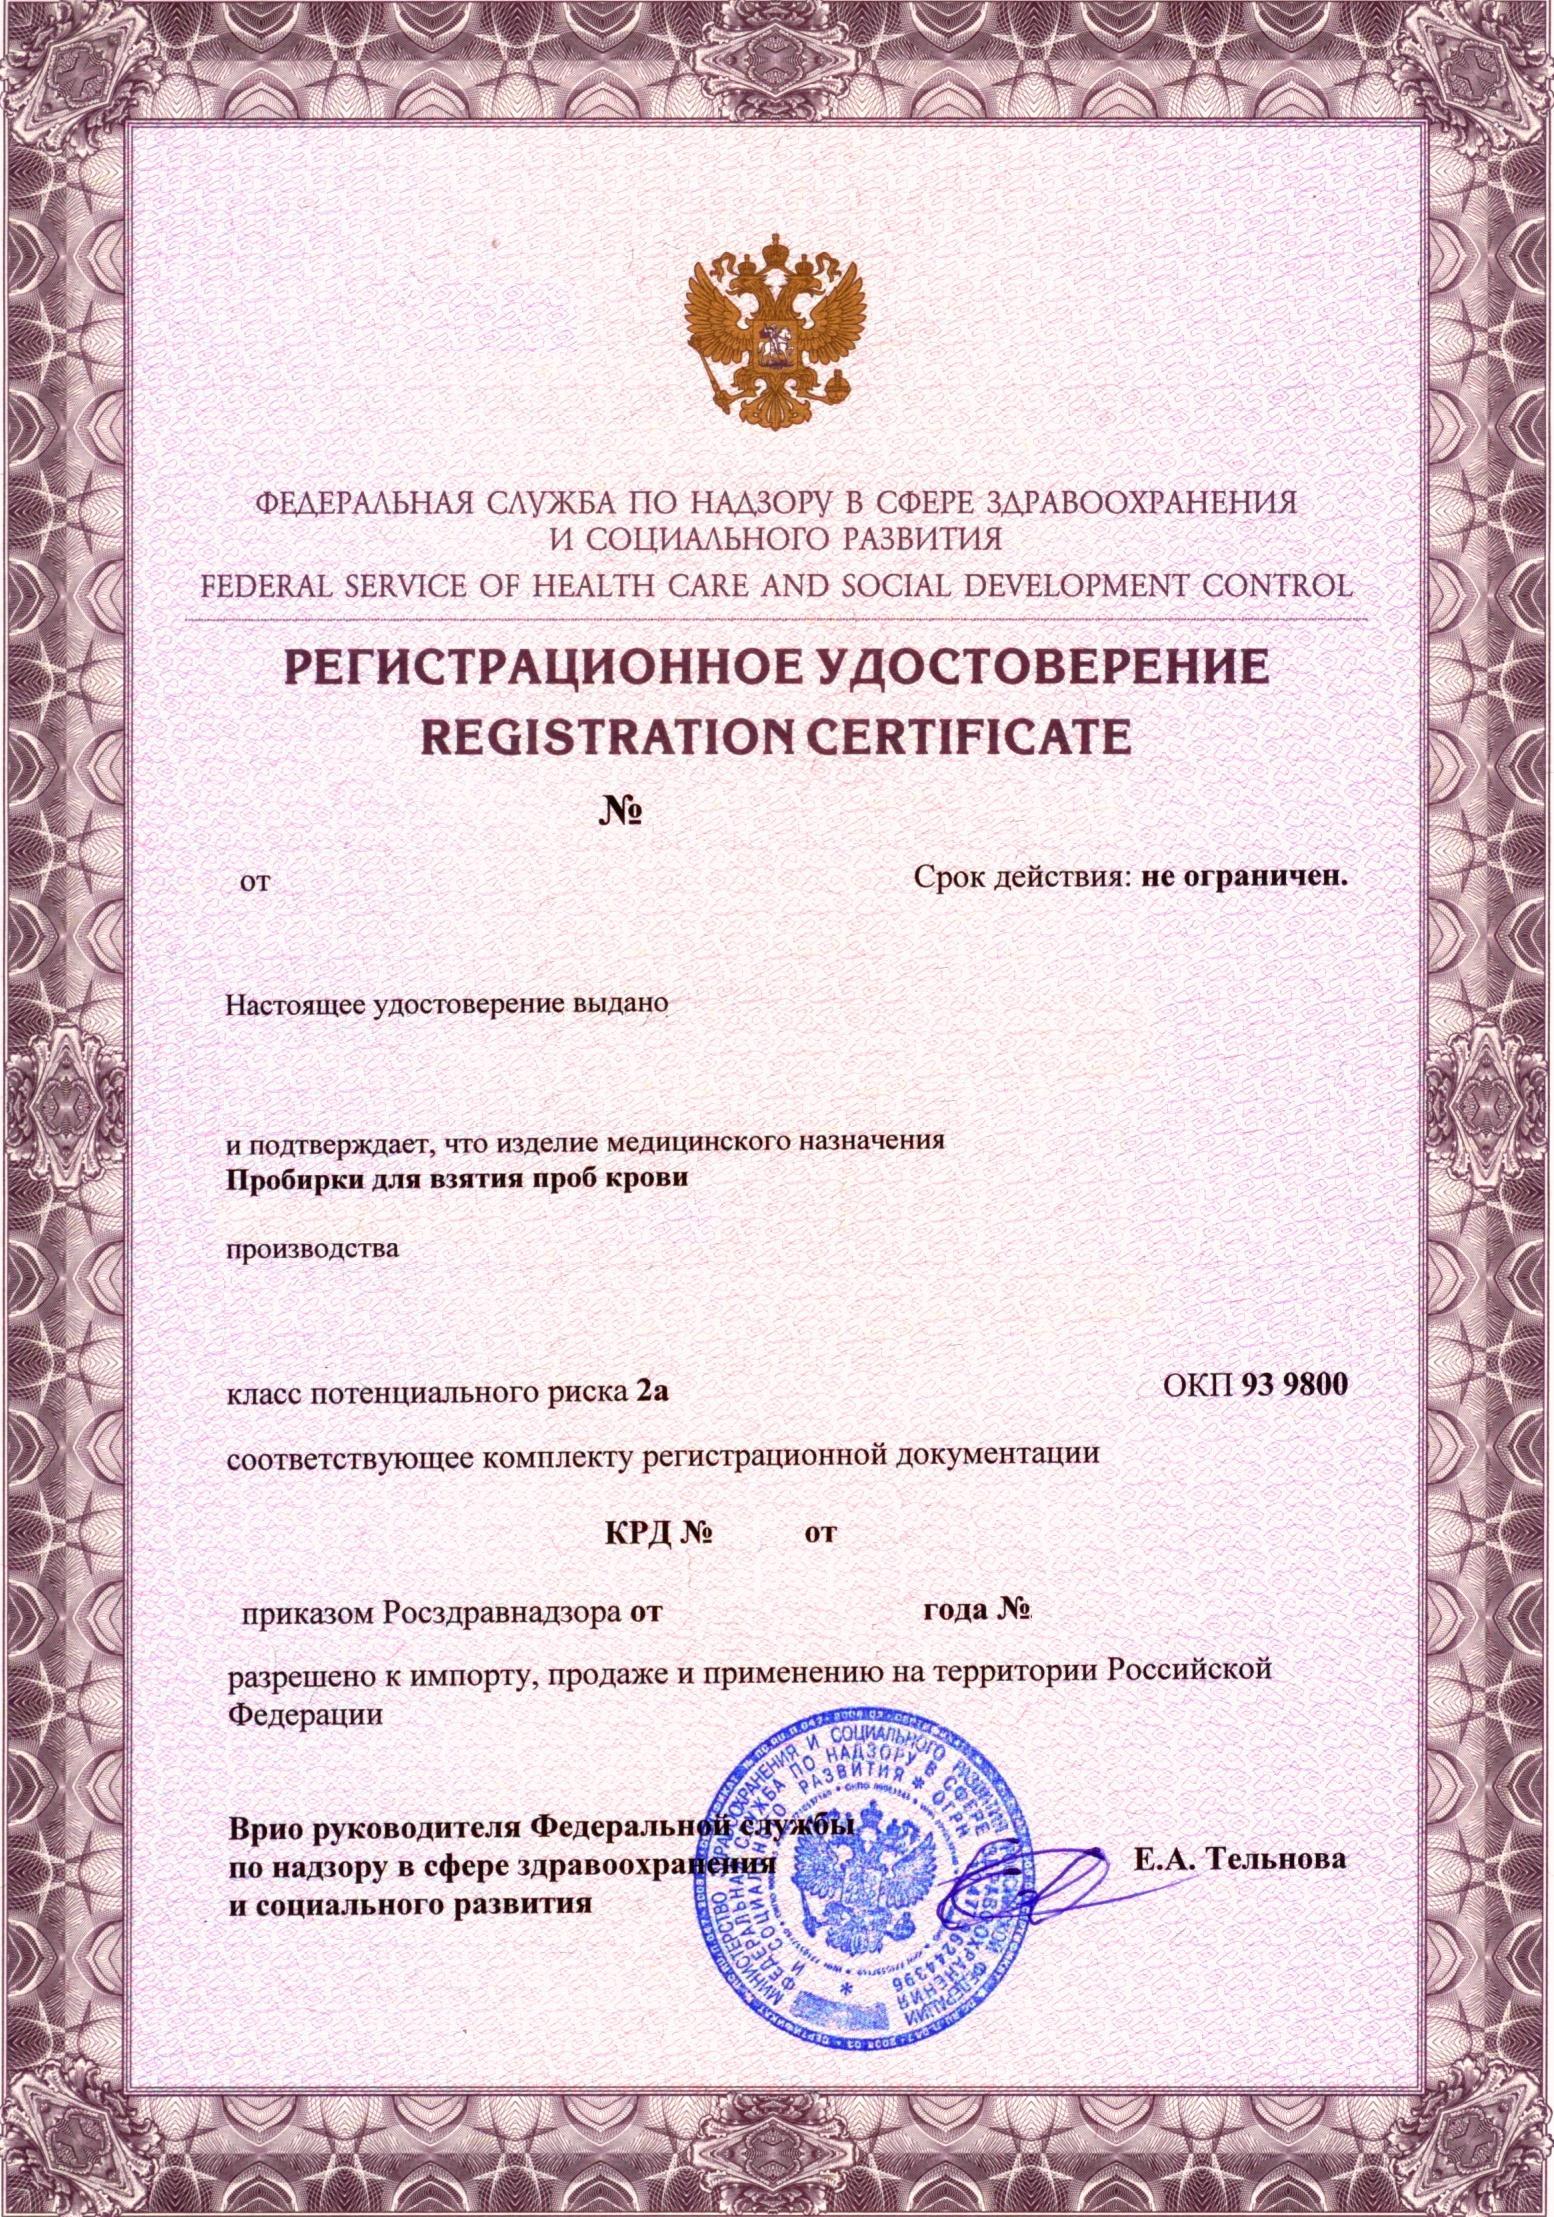 росздравнадзор реестр медицинских изделий